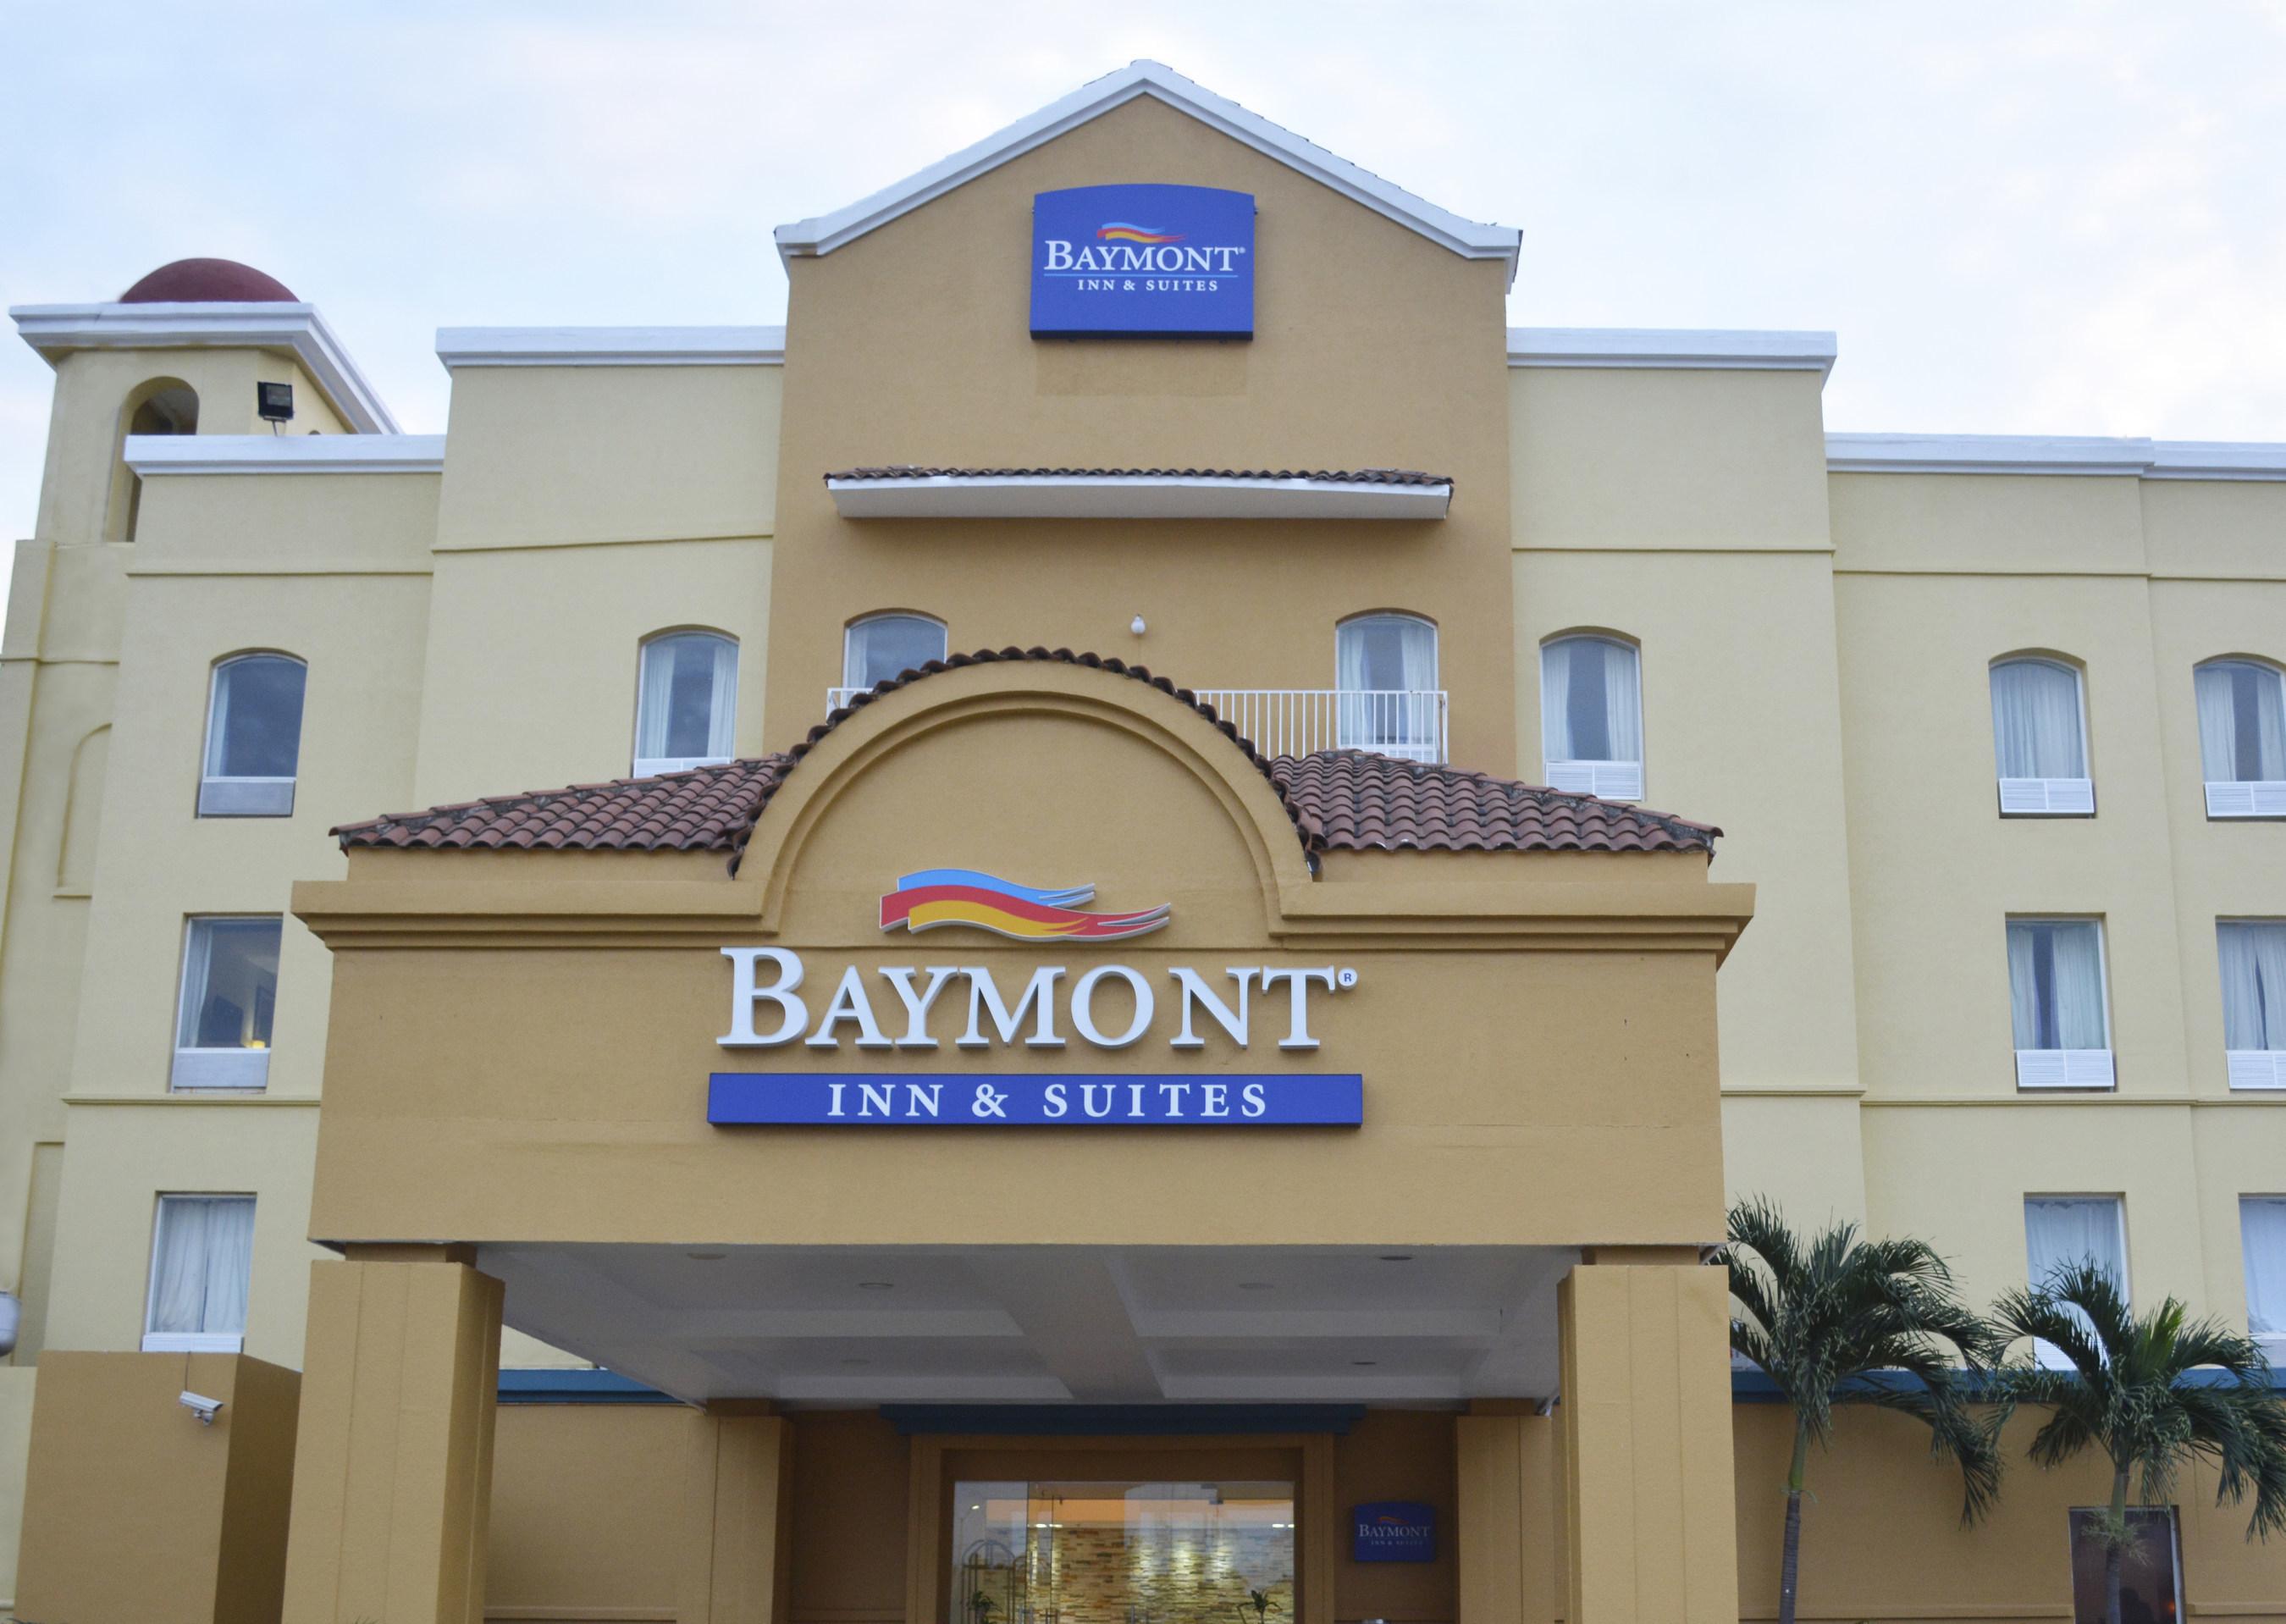 La marca de m s r pido crecimiento de wyndham hotel group for Hotel numero